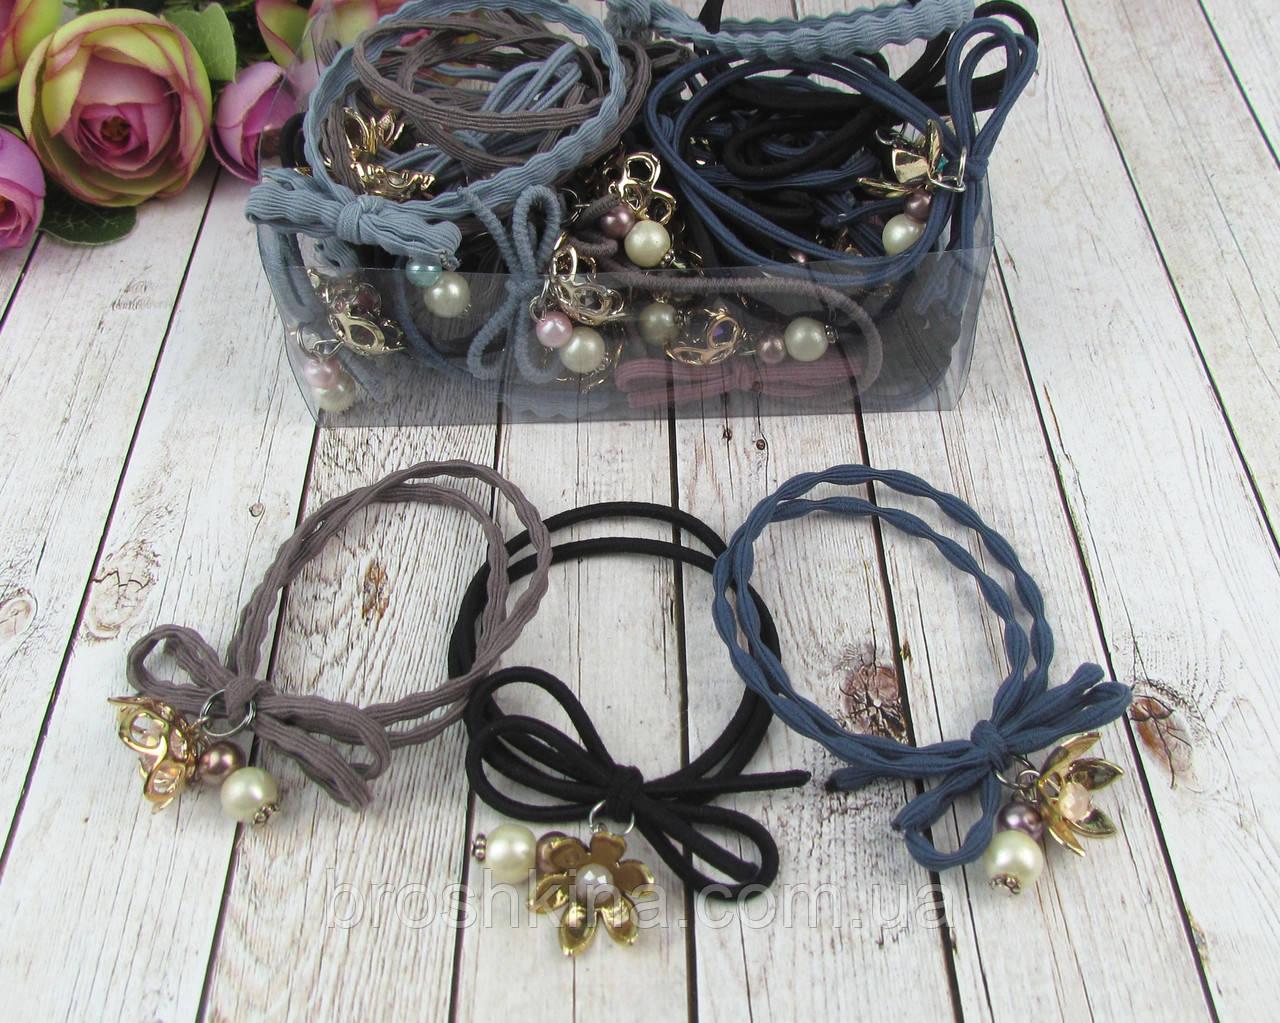 Резинки для волос с цветами и бусинами 30 шт/уп.